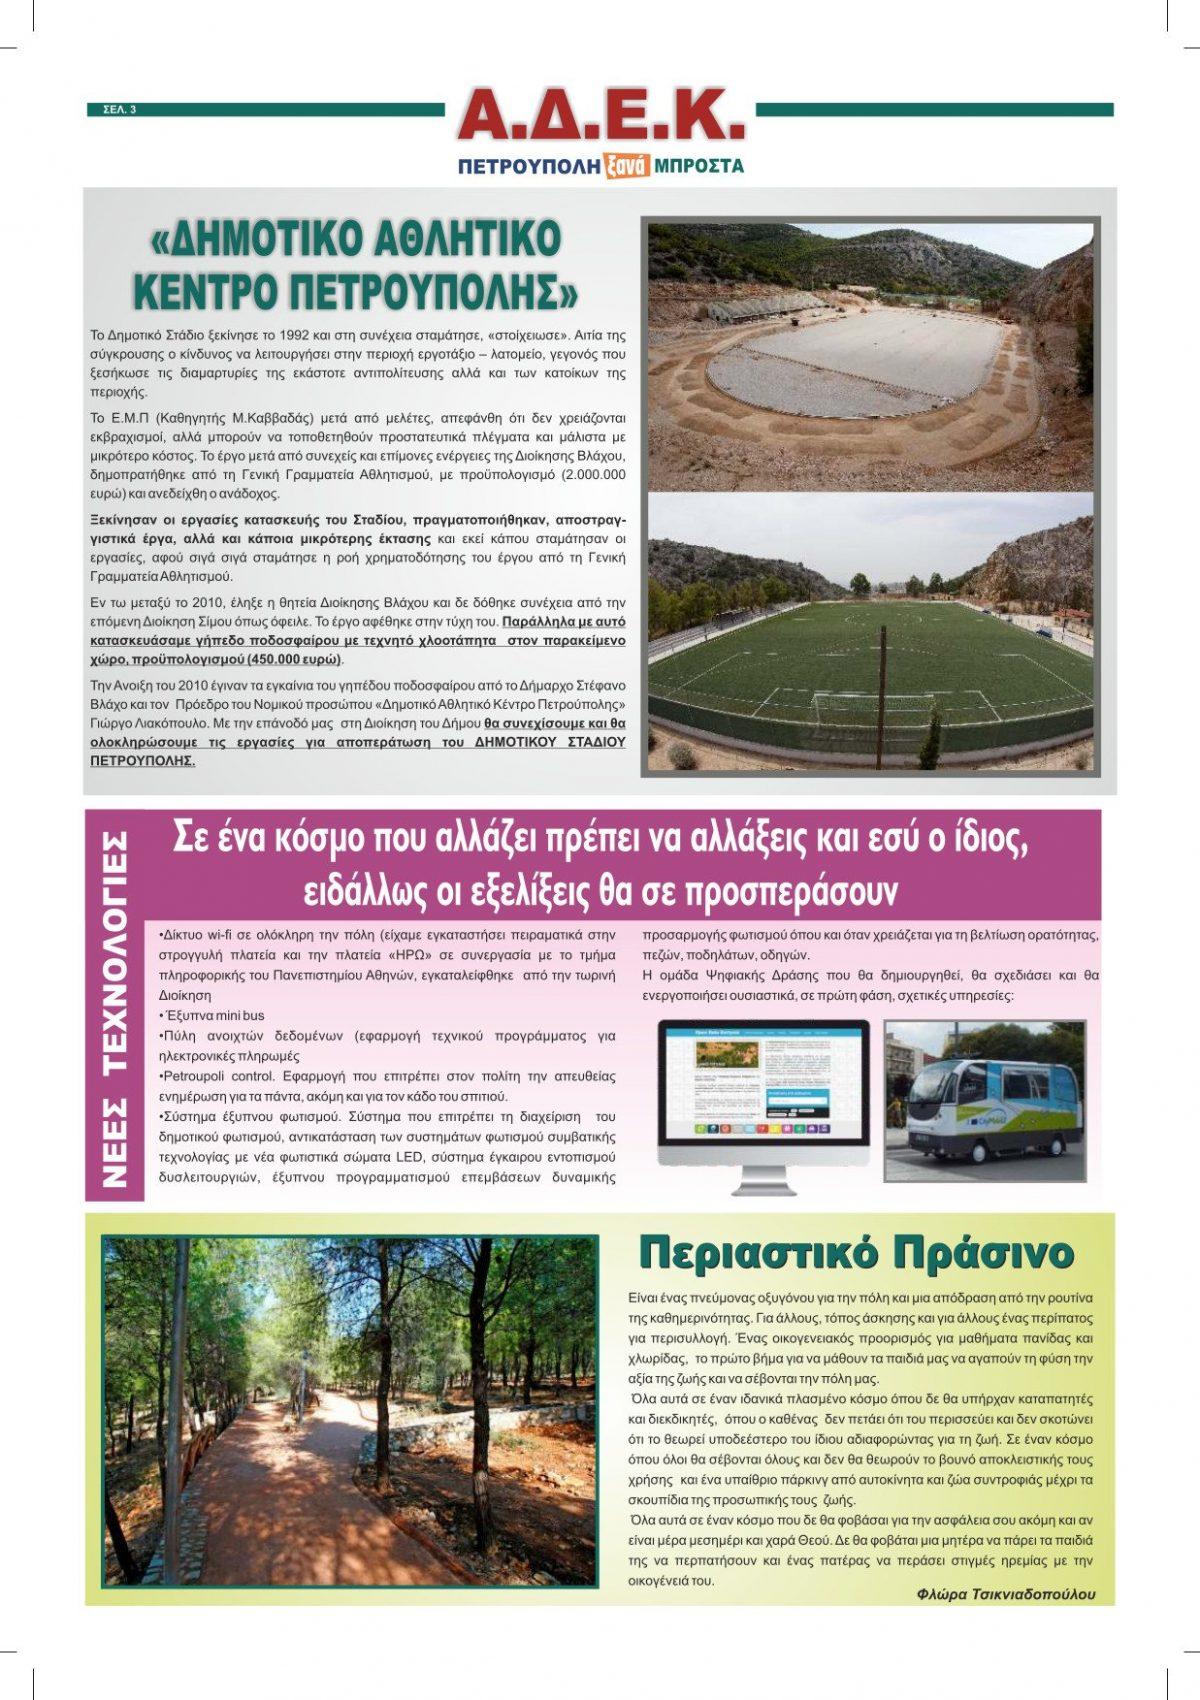 Πετρούπολη η πόλη μας σελ. 3